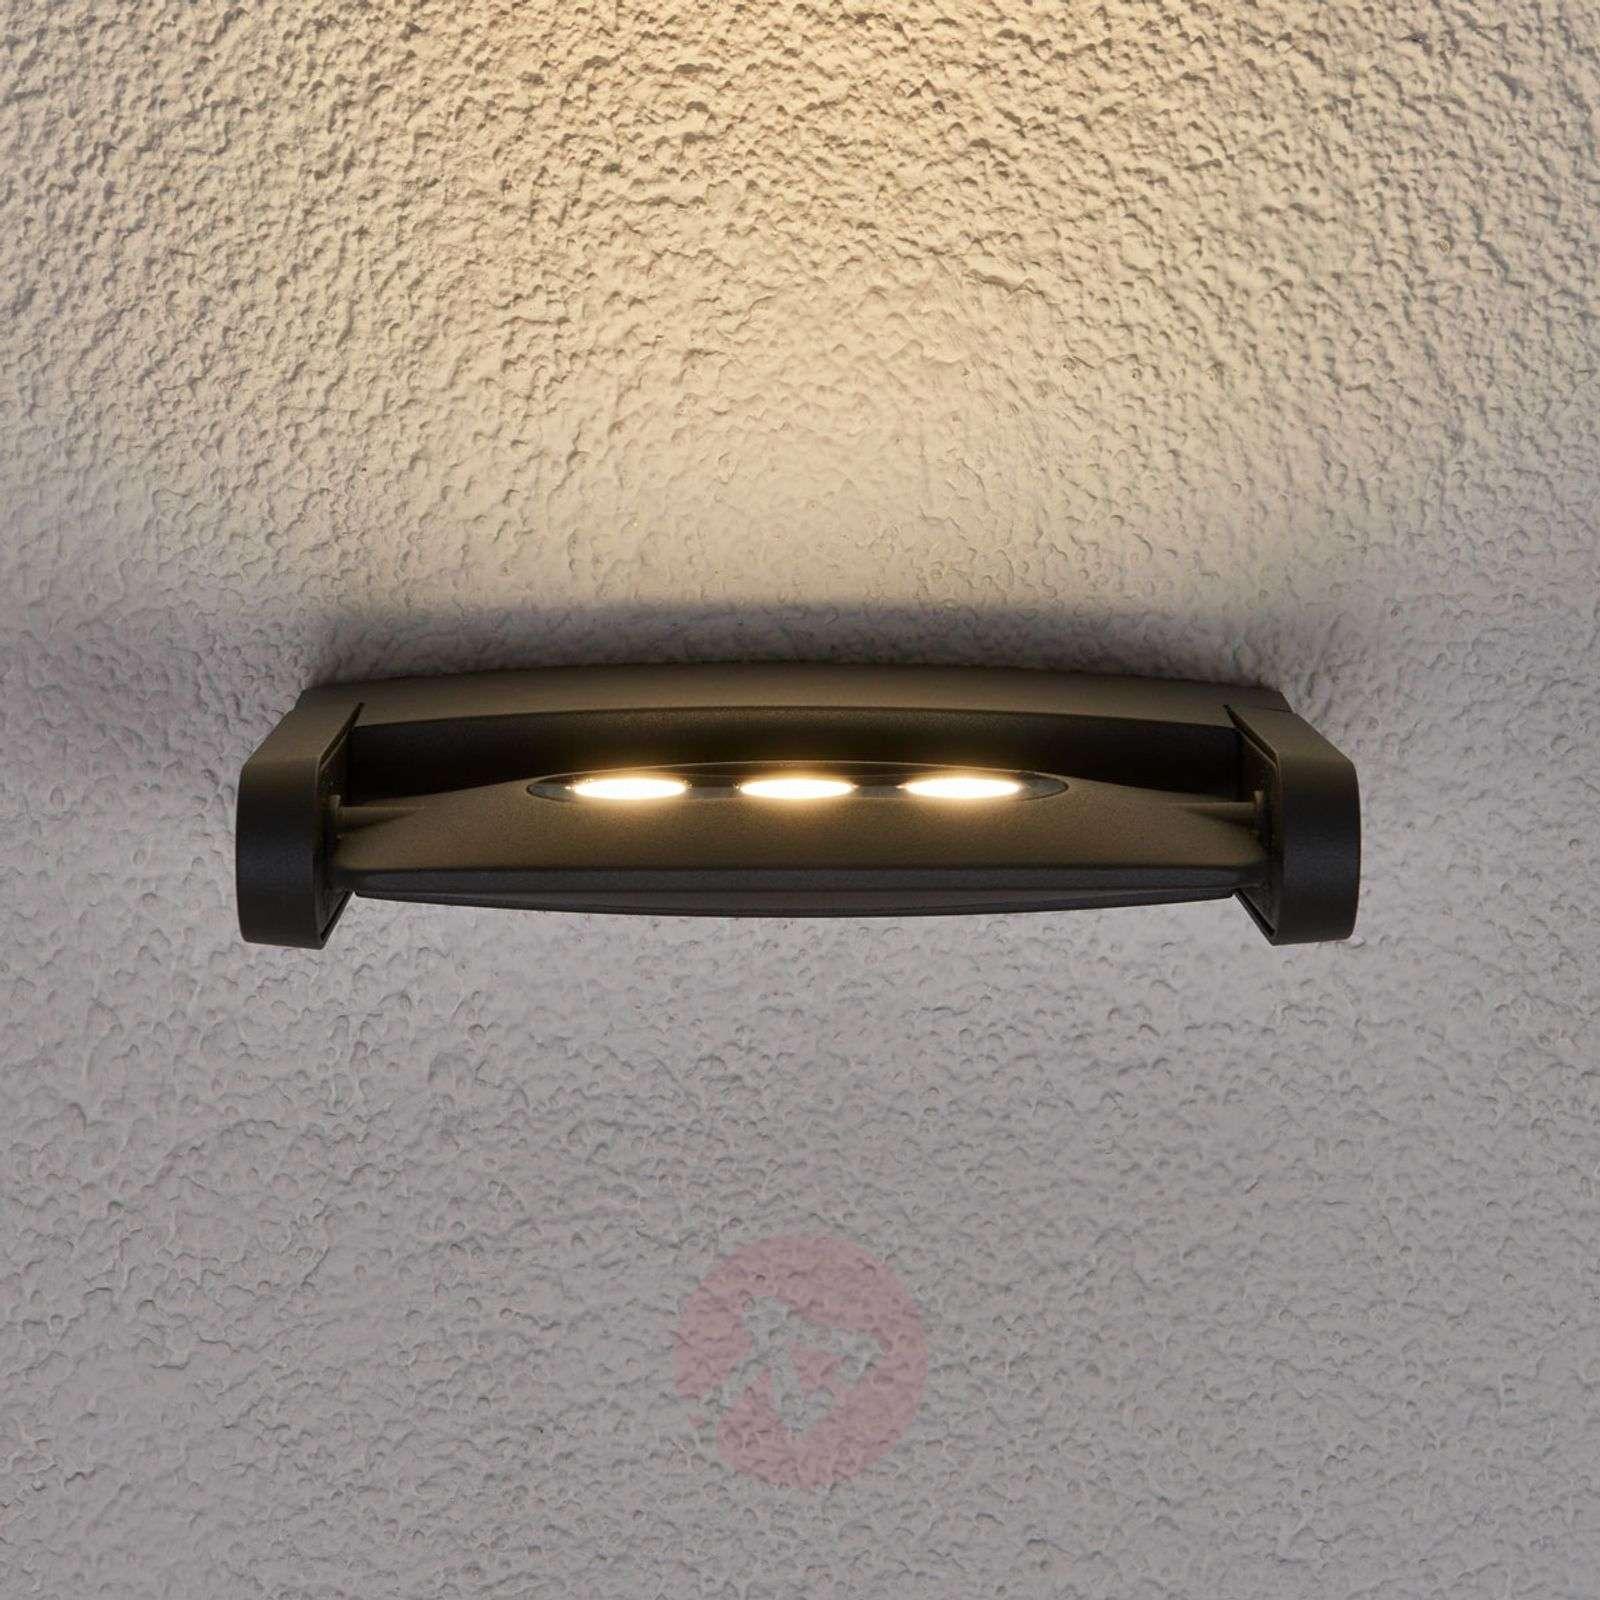 Ulkoseinävalaisin Keiran 3:lla POWER-LED:illä-3006077-01